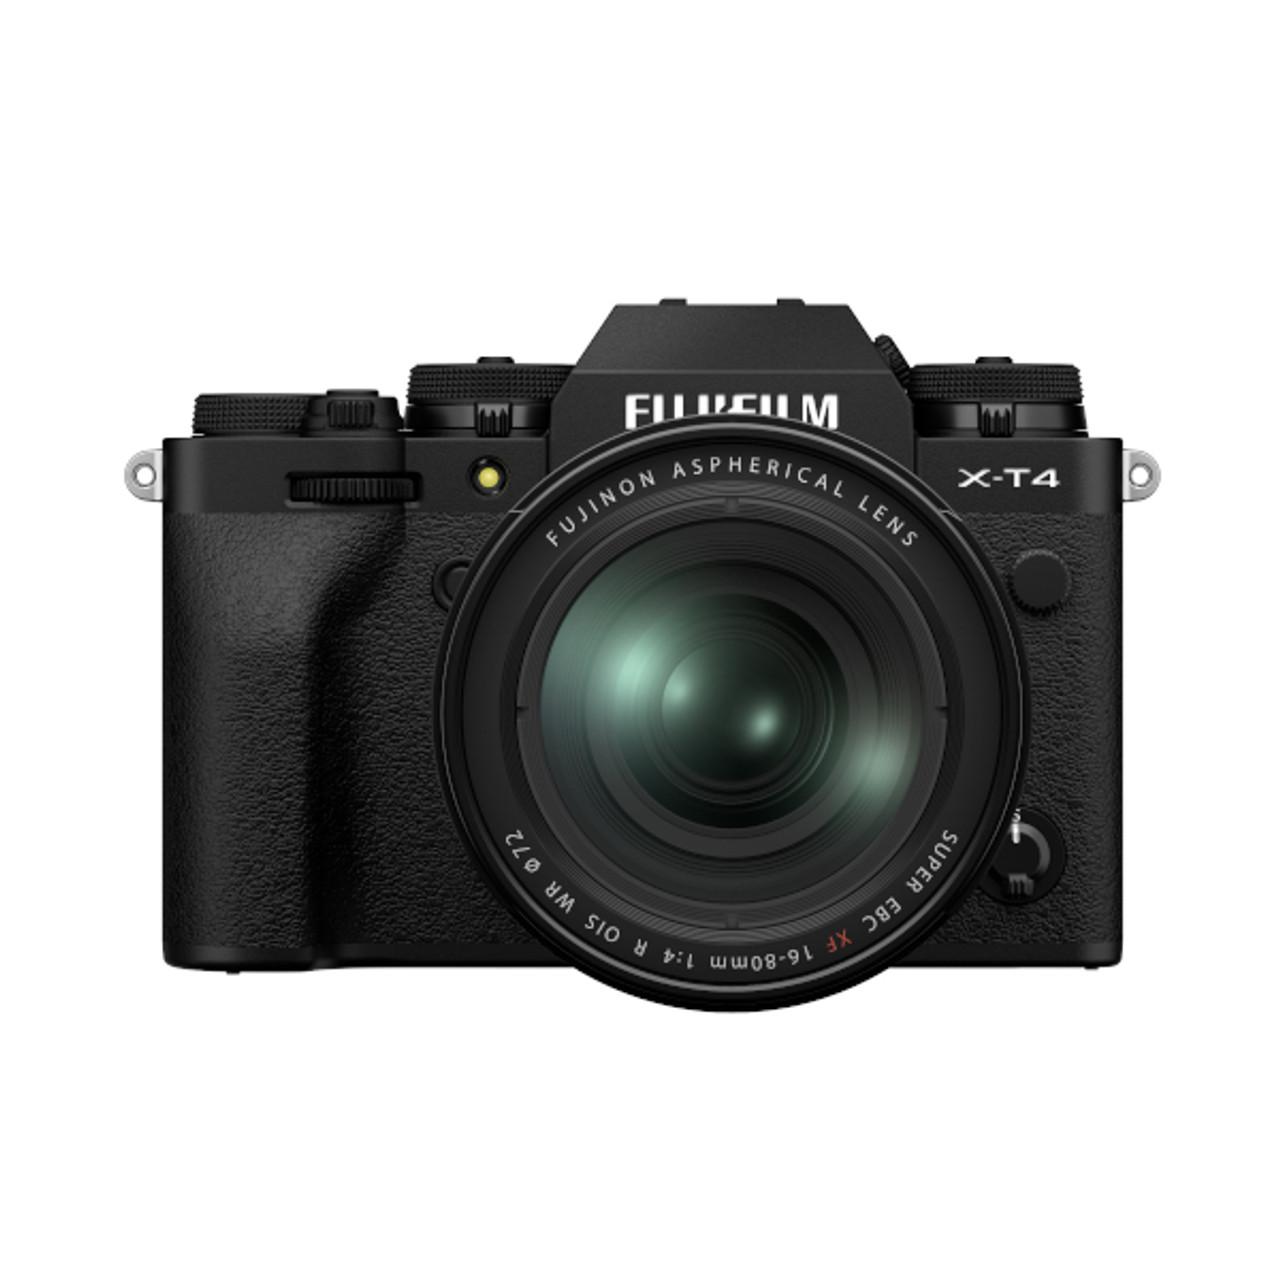 Fujifilm X-T4 XF 16-80mm F4 Kit (Black)